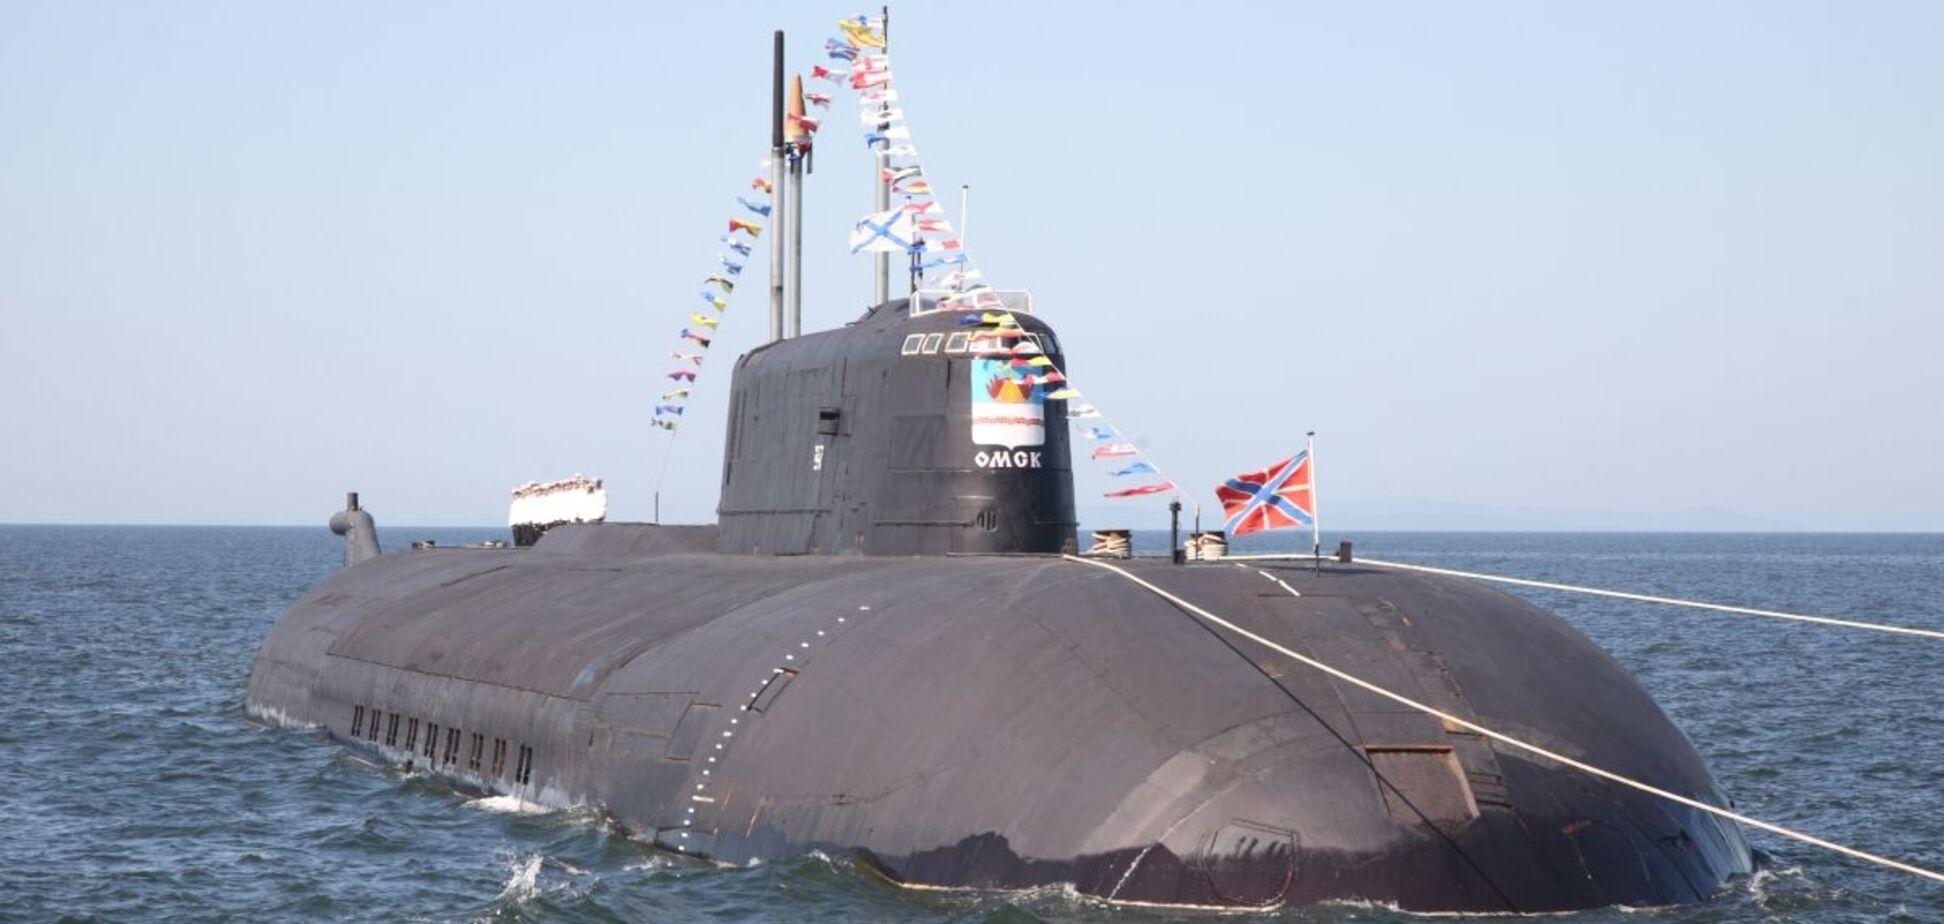 Атомная подлодка Омск всплыла возле Аляски